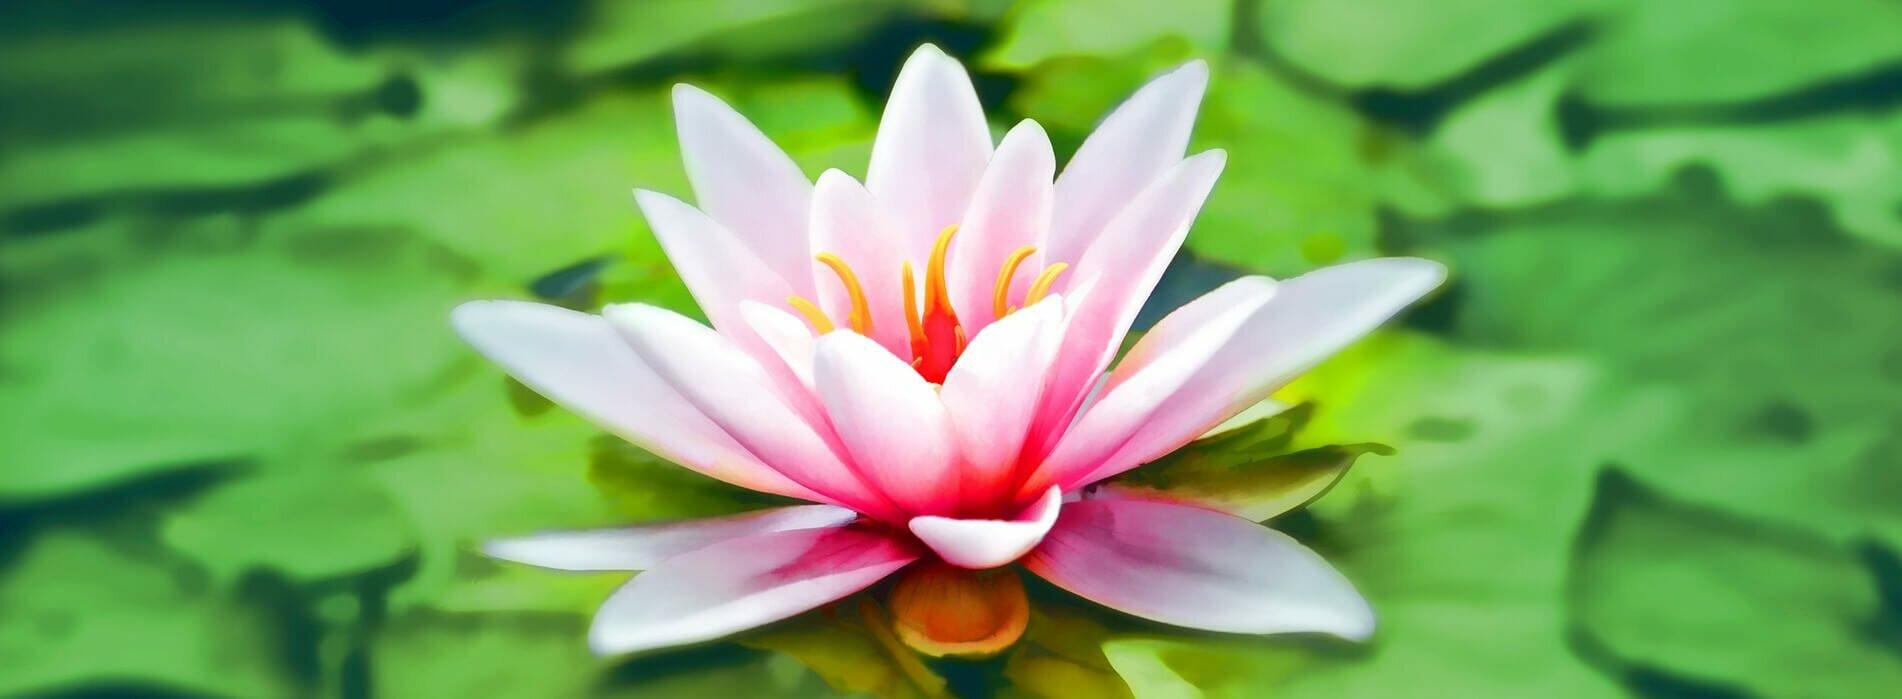 flor-de-lotus-padmasana